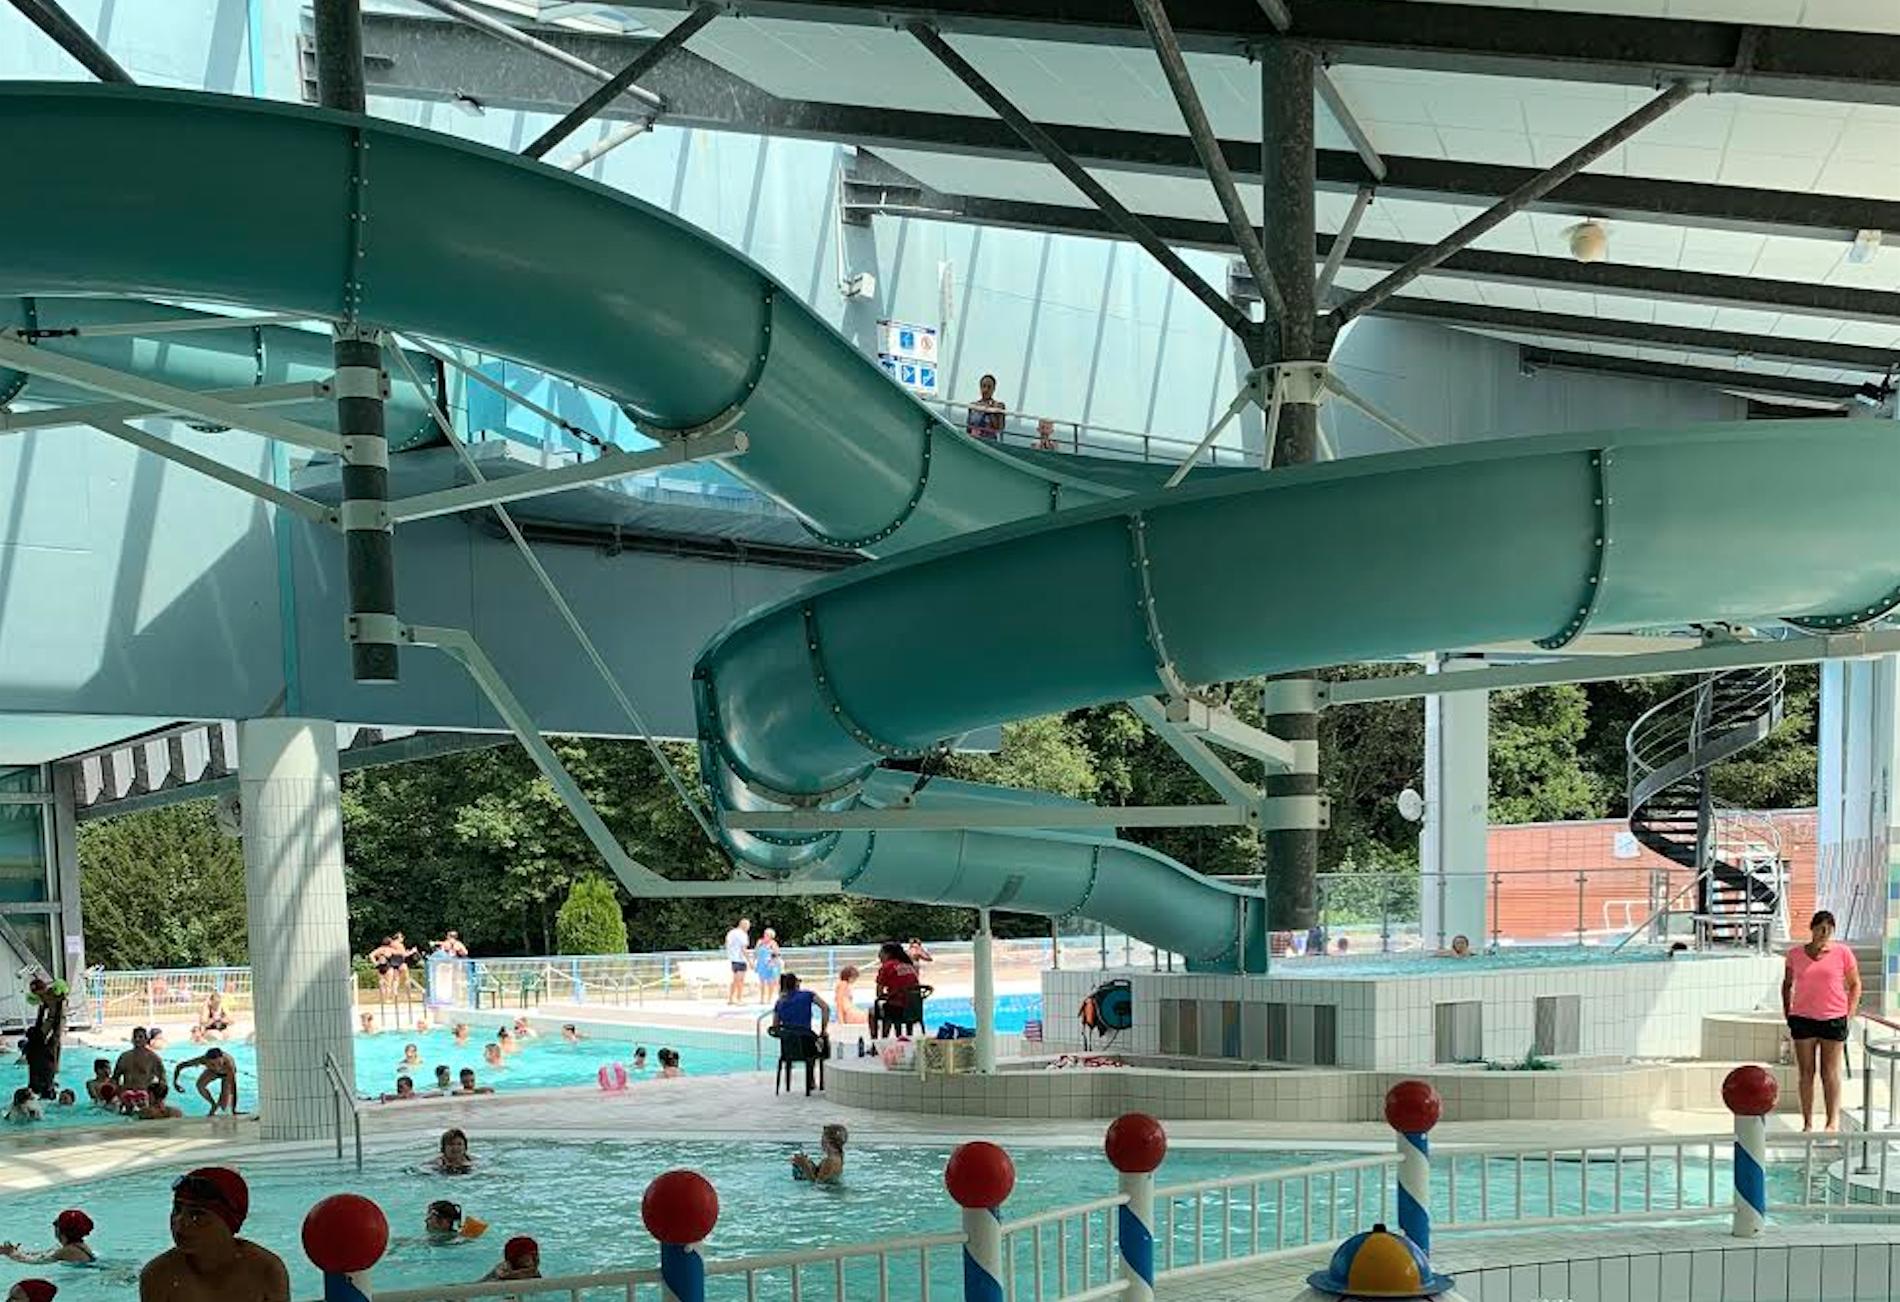 Remiremont : Le Centre Aquatique Est Ouvert Tout L'été 7J/7 ... tout Piscine Remiremont